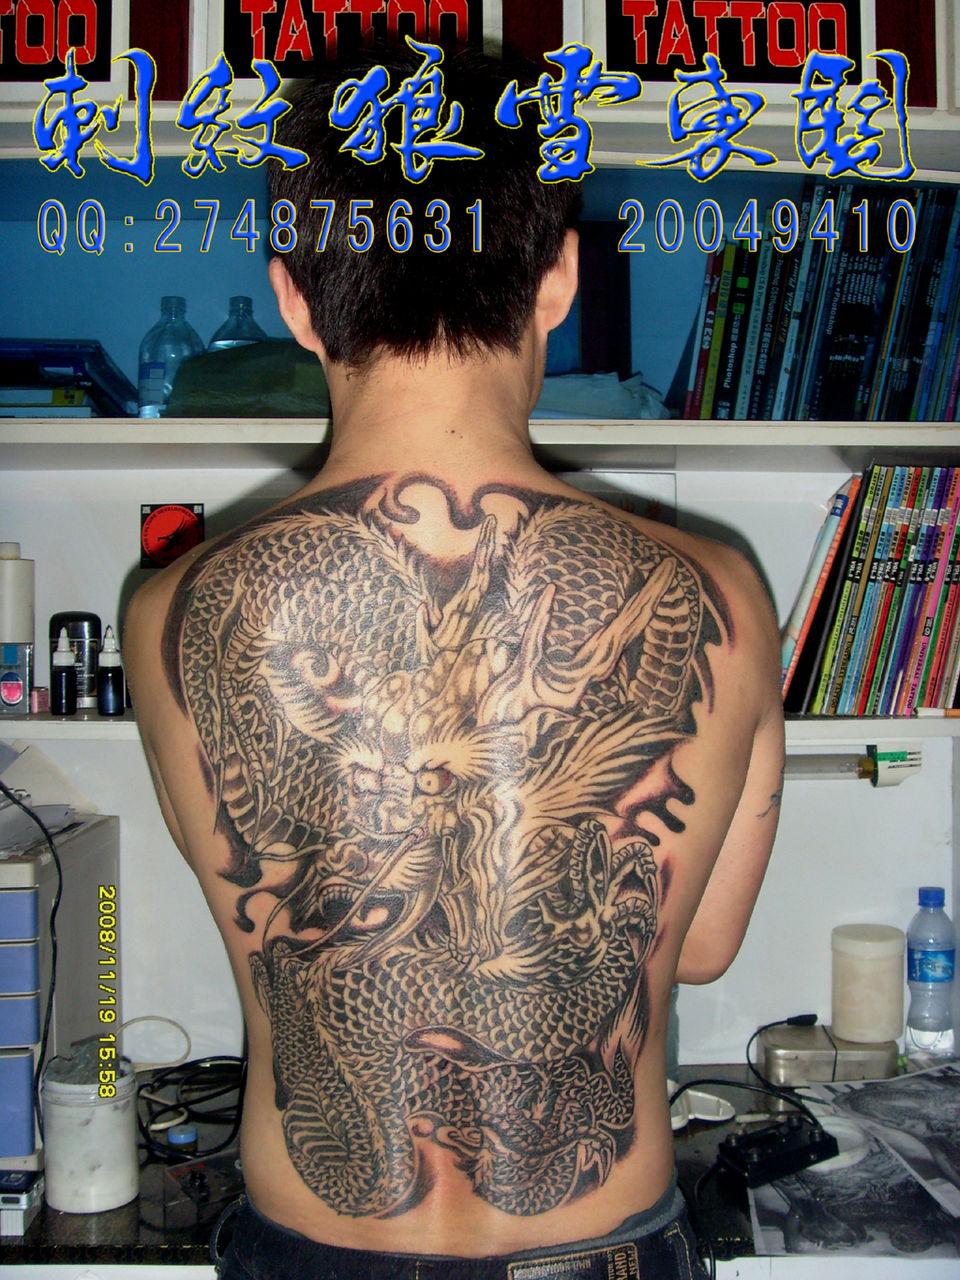 九匹血狼纹身图案_血狼头纹身图案大全九头血狼纹身 鸽子血狼头纹身图图片